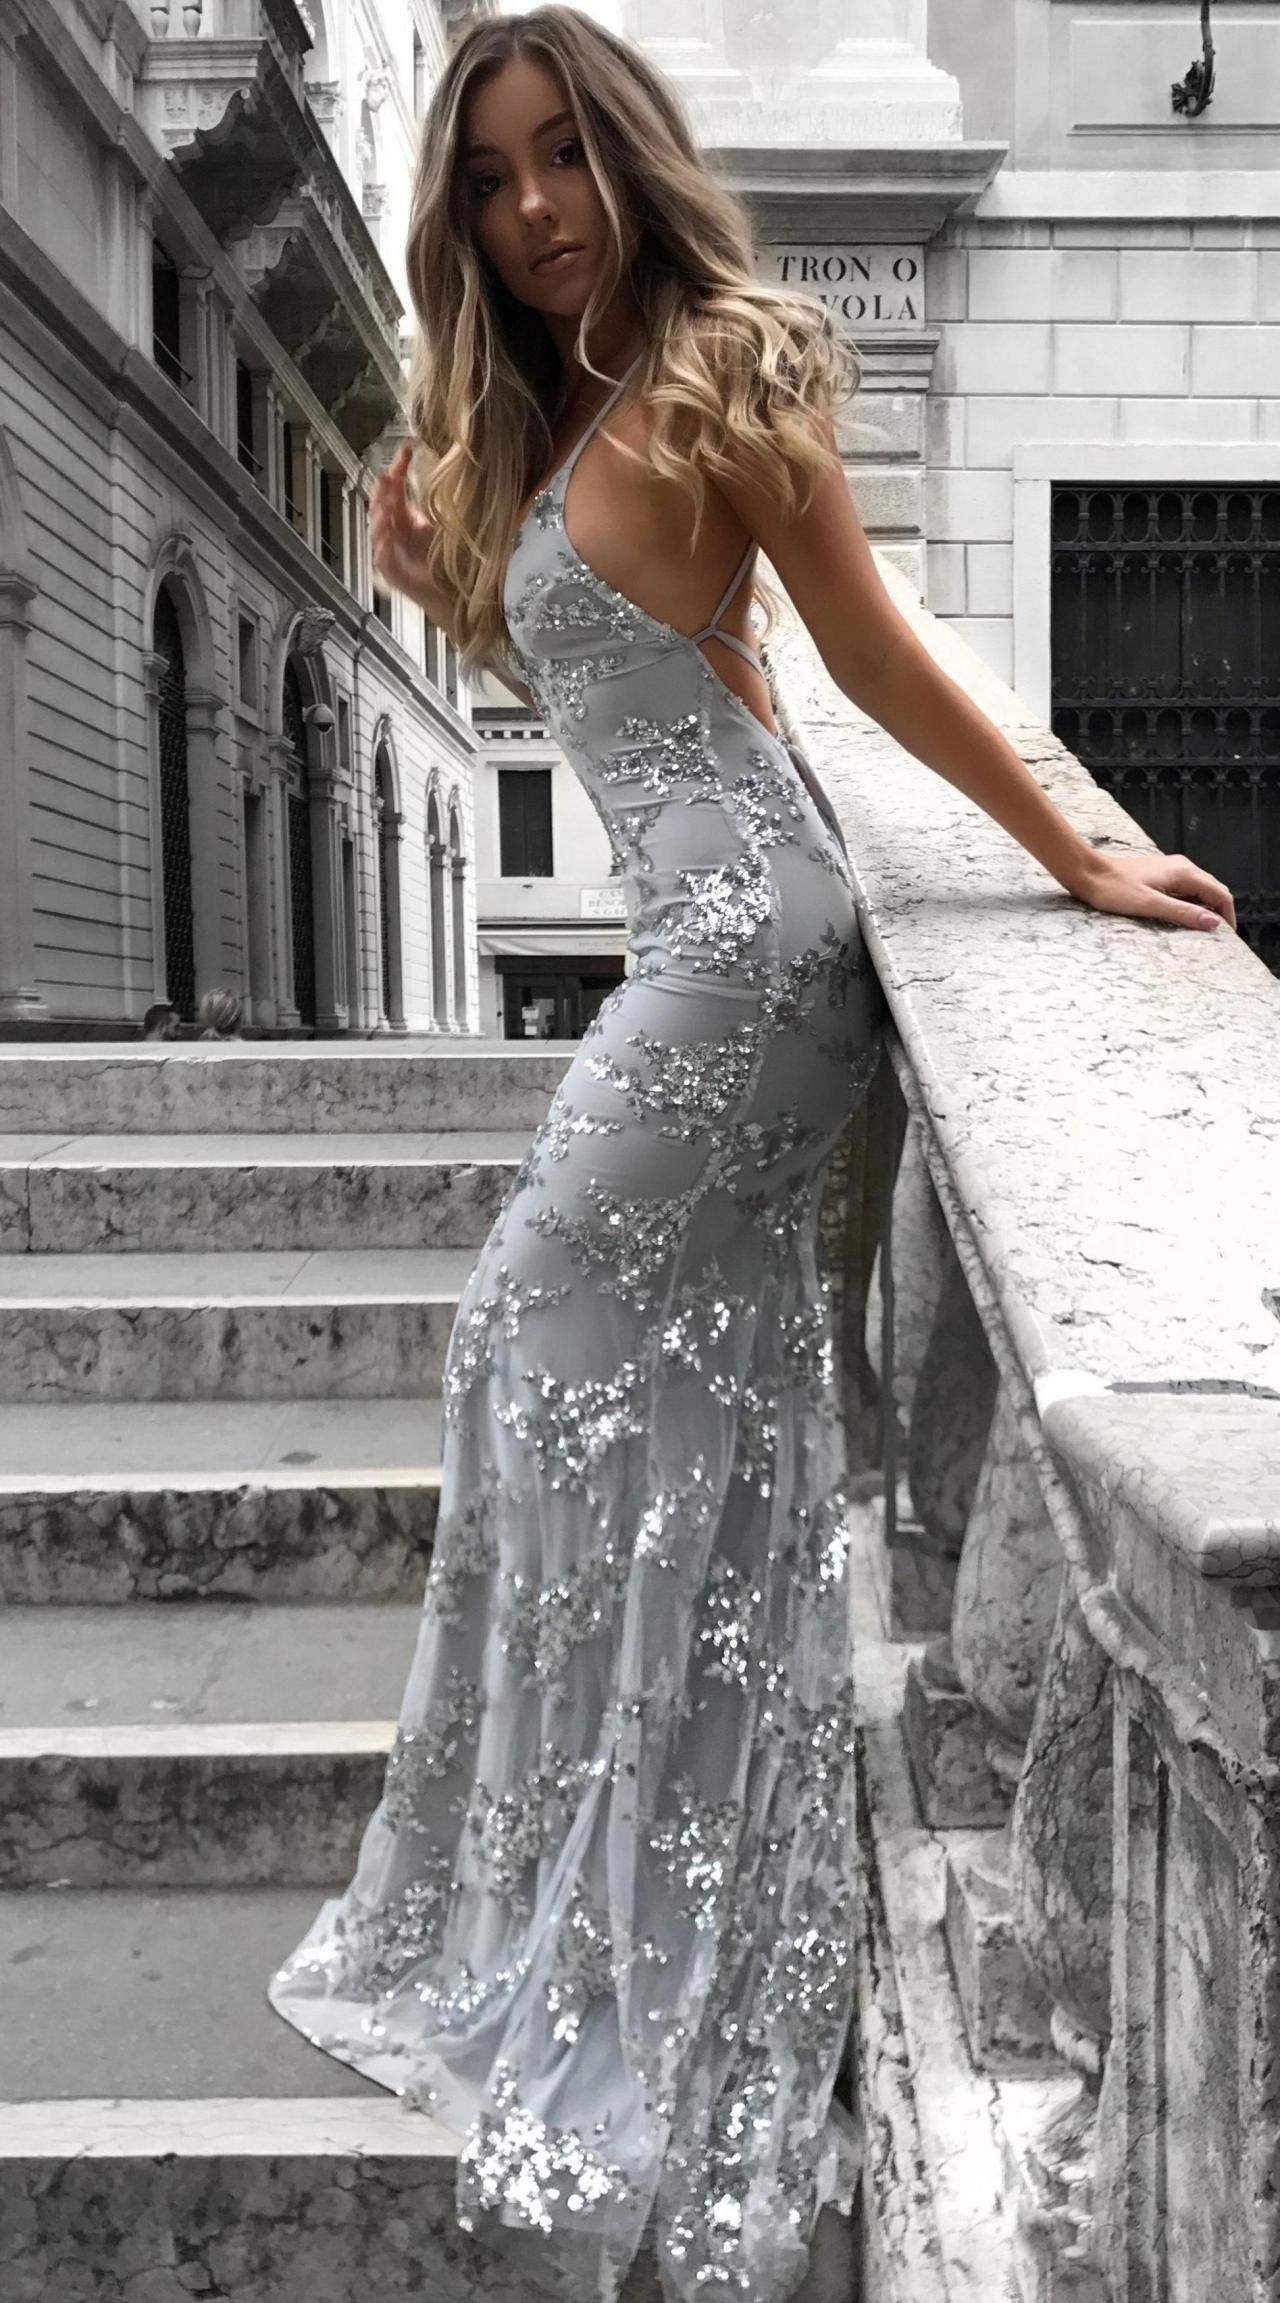 Designer Fantastisch Abendkleider Glitzer Boutique15 Luxurius Abendkleider Glitzer Spezialgebiet